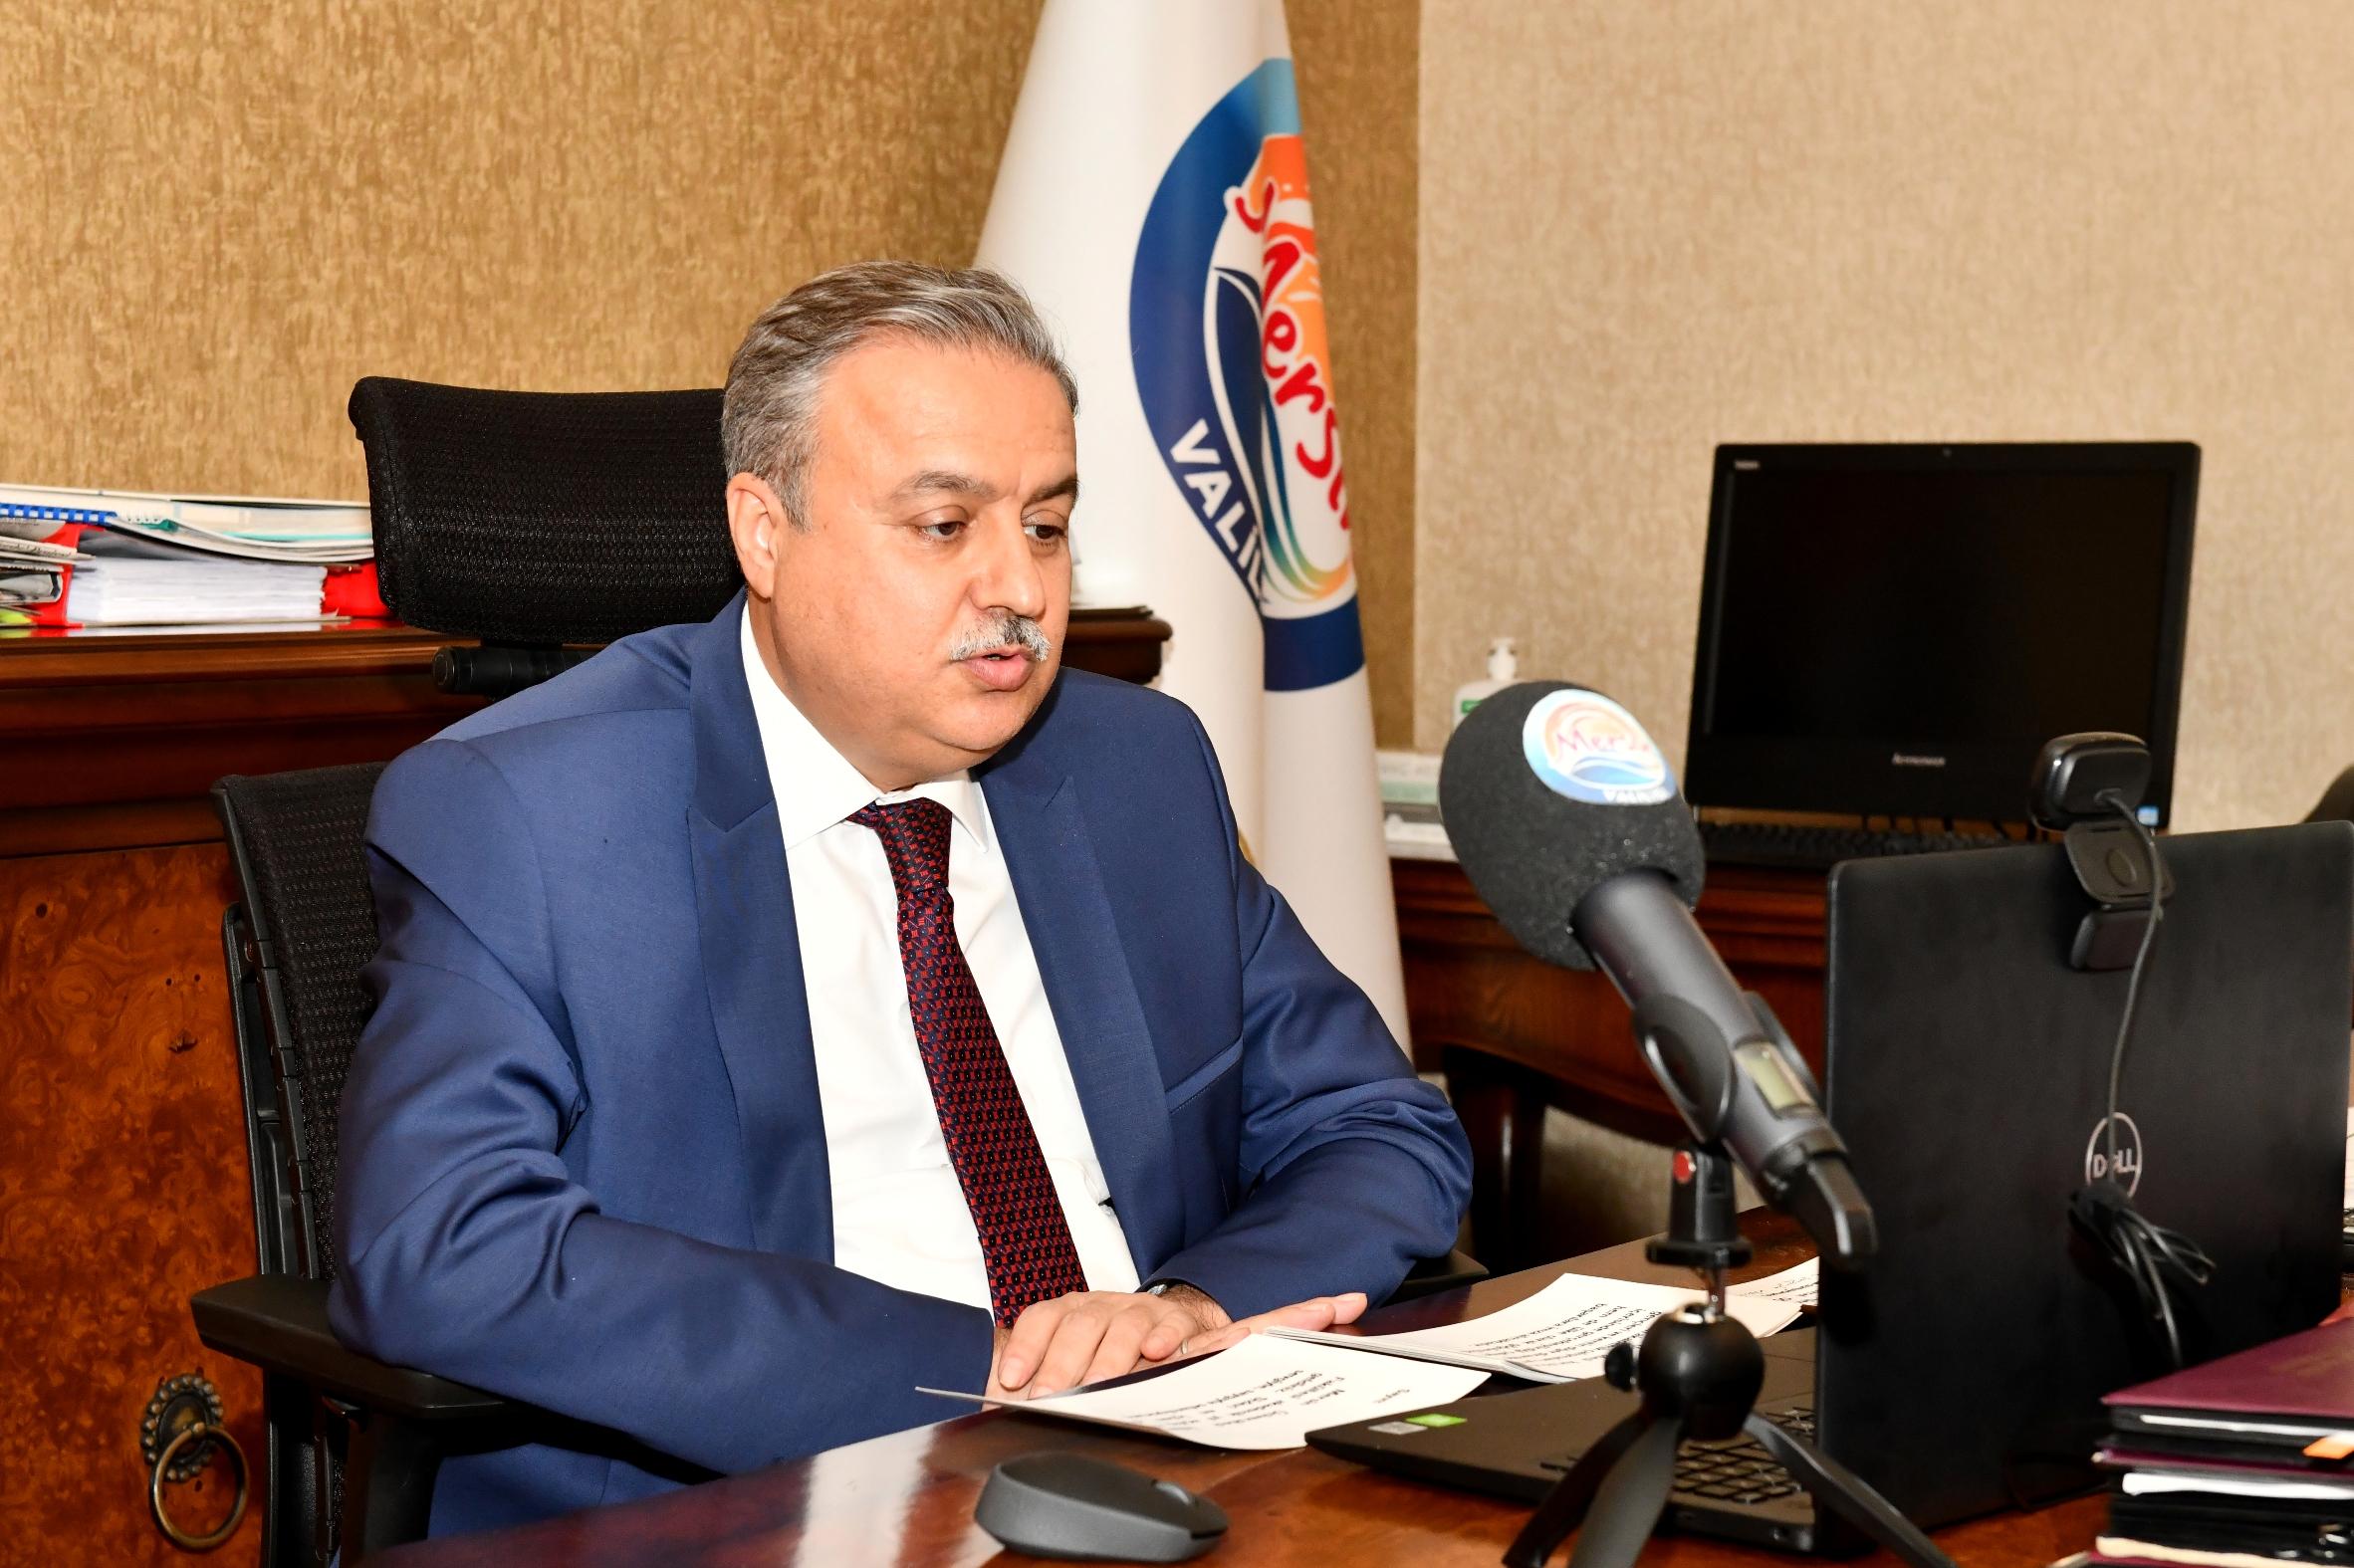 Mersin Üniversitesi İslami İlimler Fakültesi Açılış Töreni Gerçekleştirildi